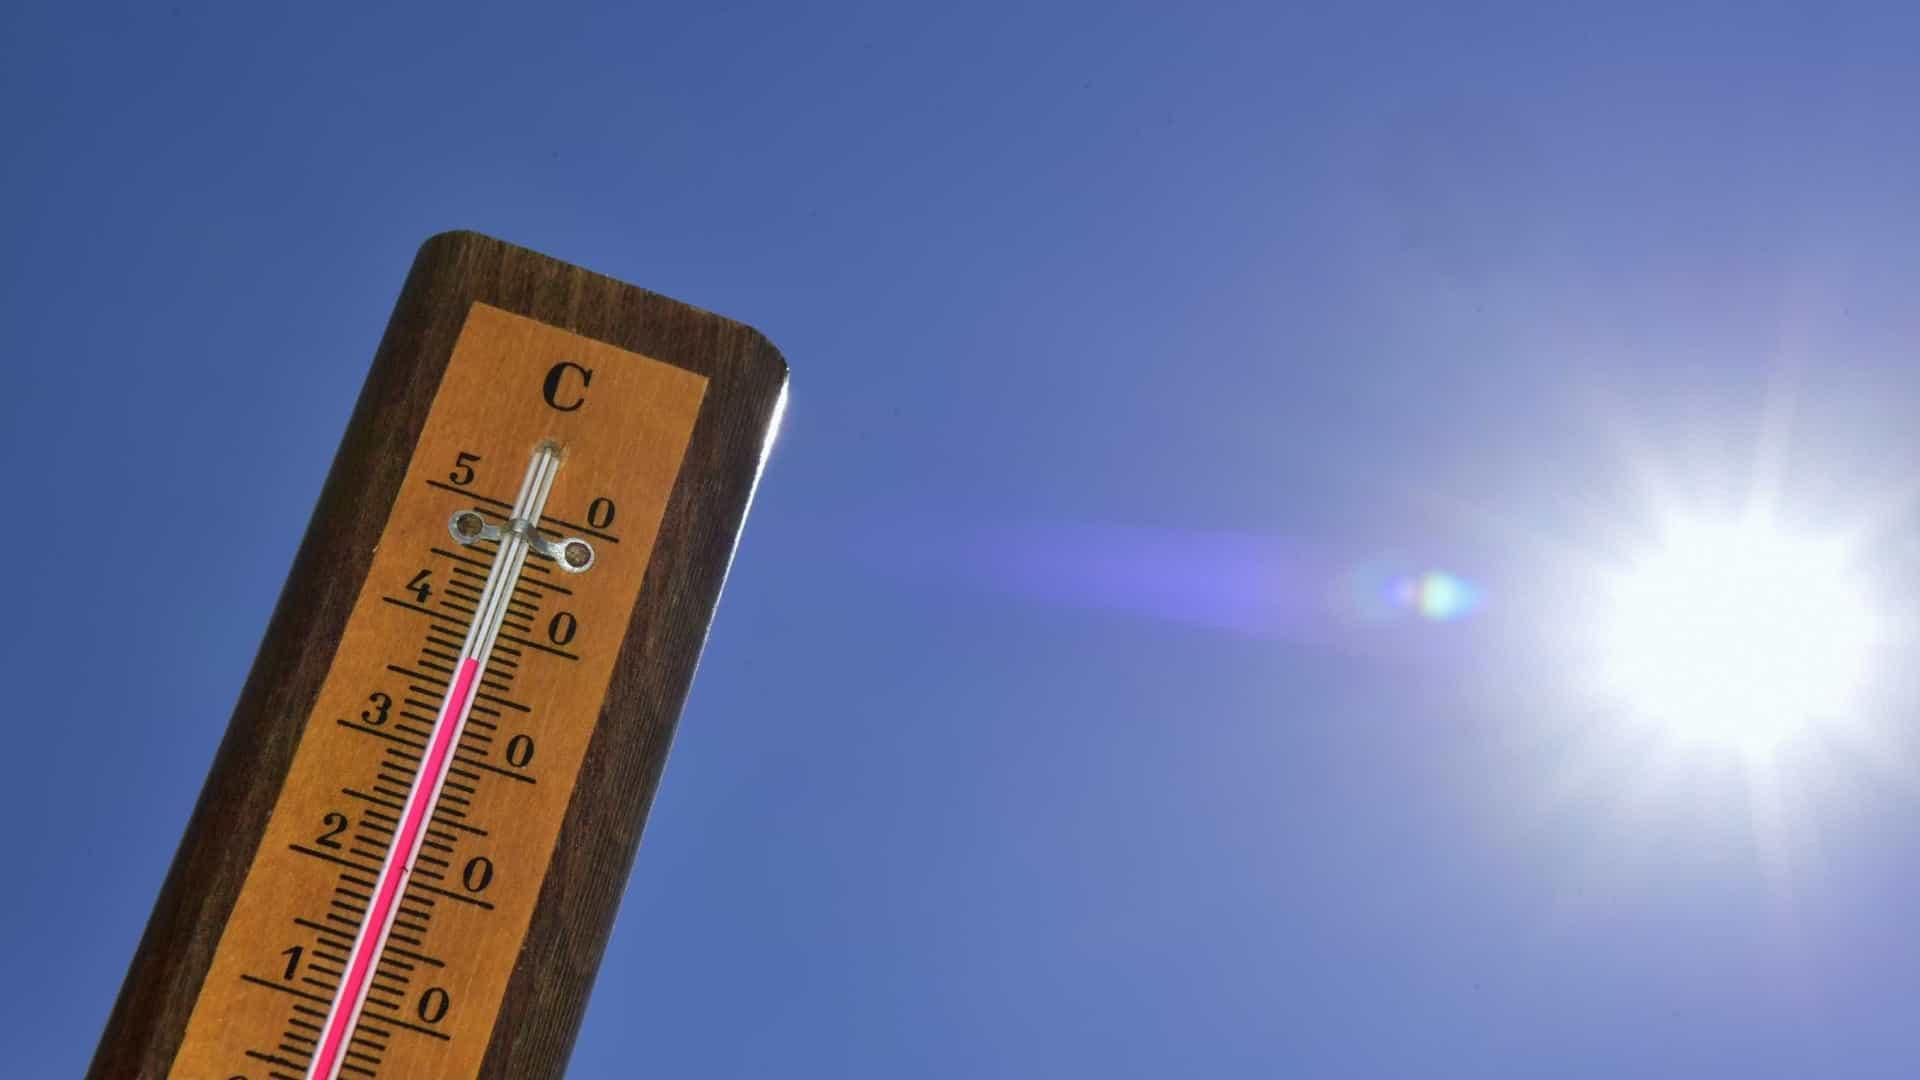 METEOROLOGIA - Primeira semana de Setembro com temperaturas que chegam aos 35 graus